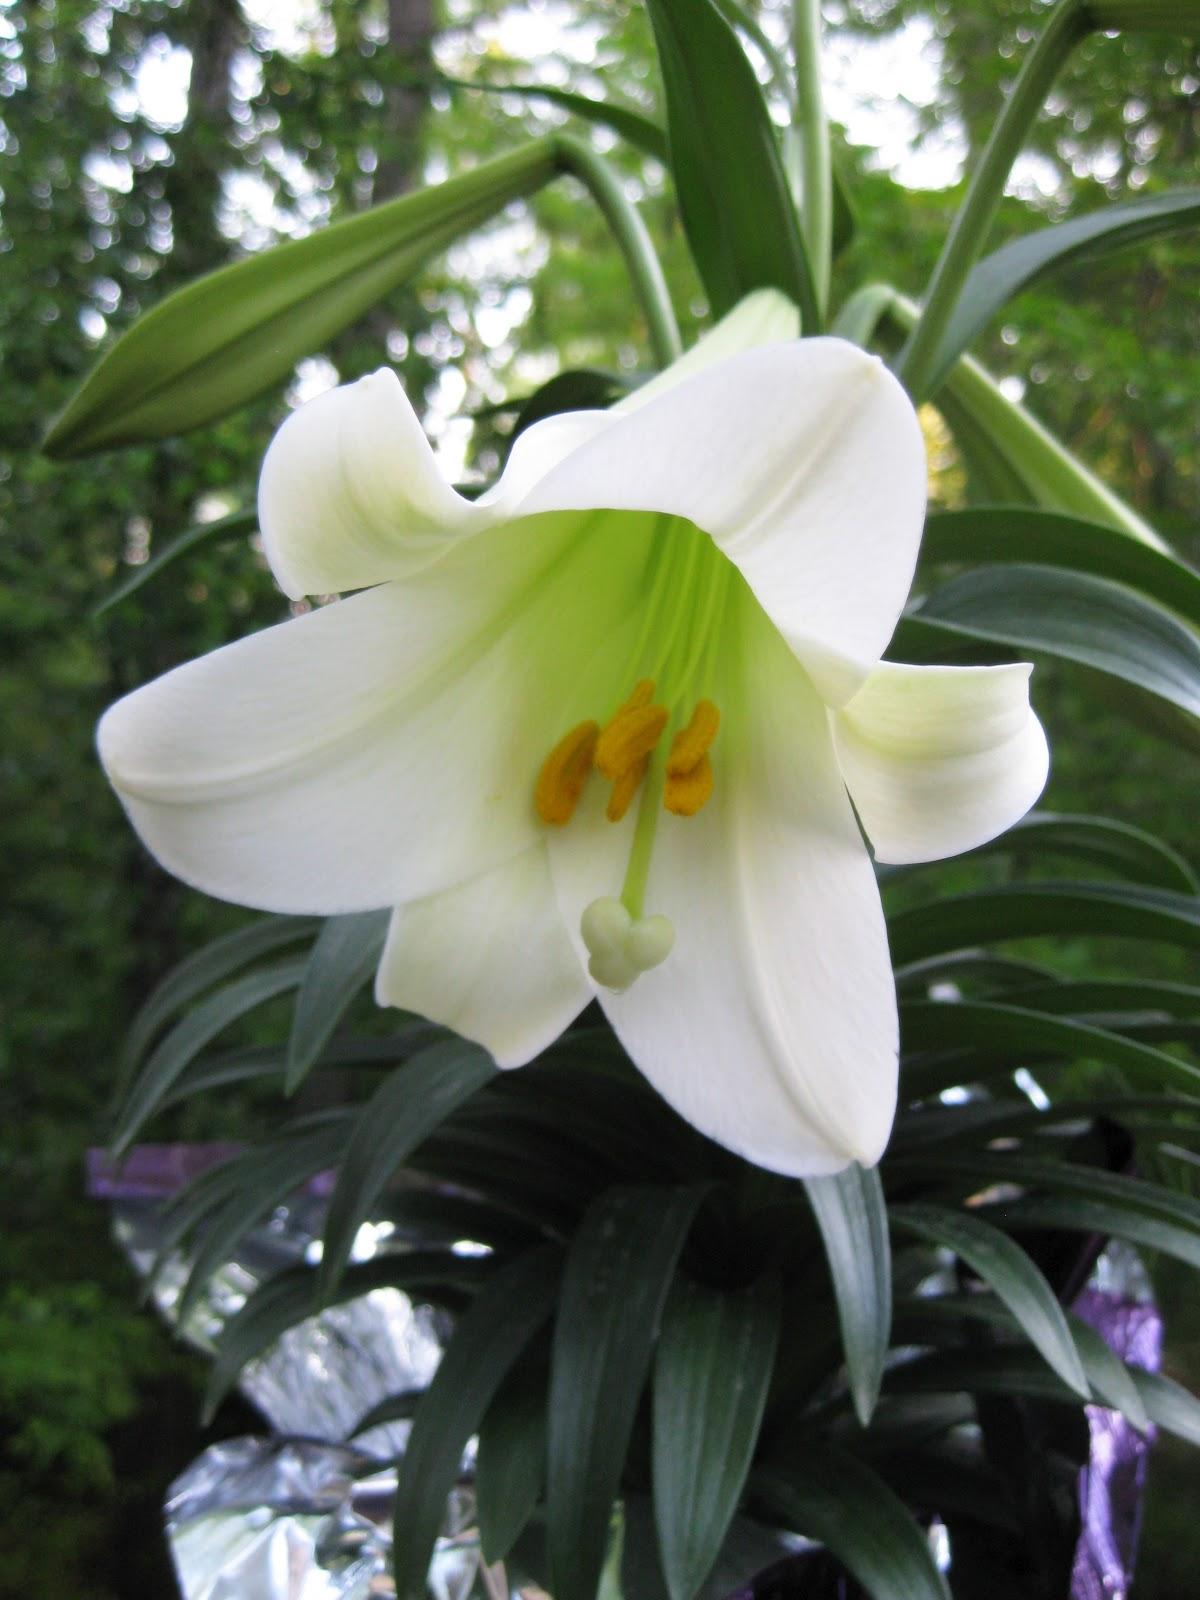 http://4.bp.blogspot.com/-ufCZri0DqdI/T3hOwscoZLI/AAAAAAAACvg/j-n0Zty3vZE/s1600/Easter+Lily.jpg